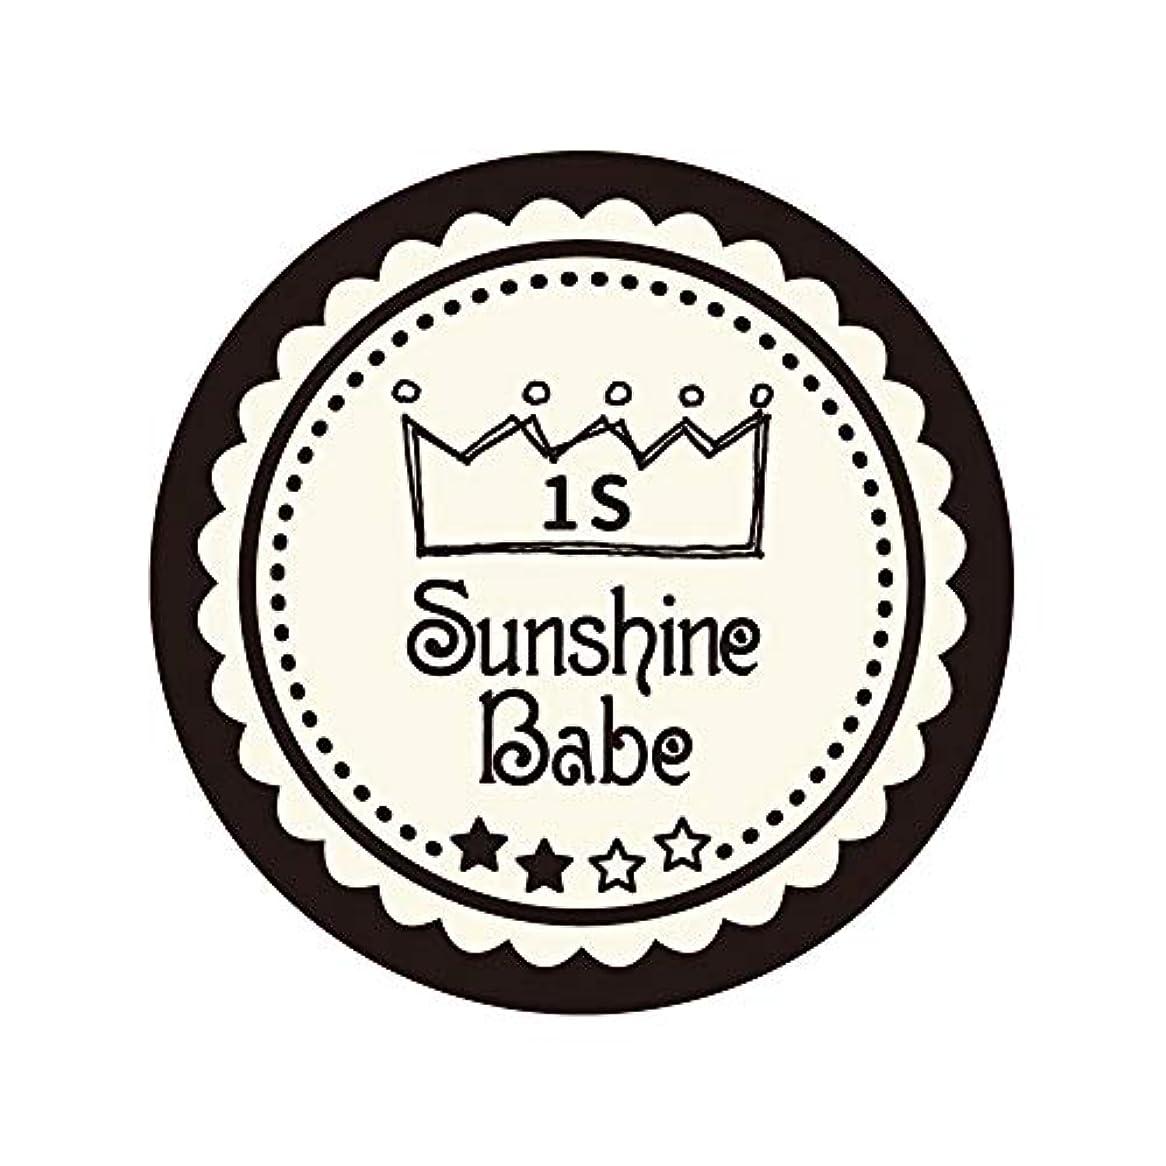 論争的透けて見える叫び声Sunshine Babe コスメティックカラー 1S ココナッツミルク 4g UV/LED対応タイオウ